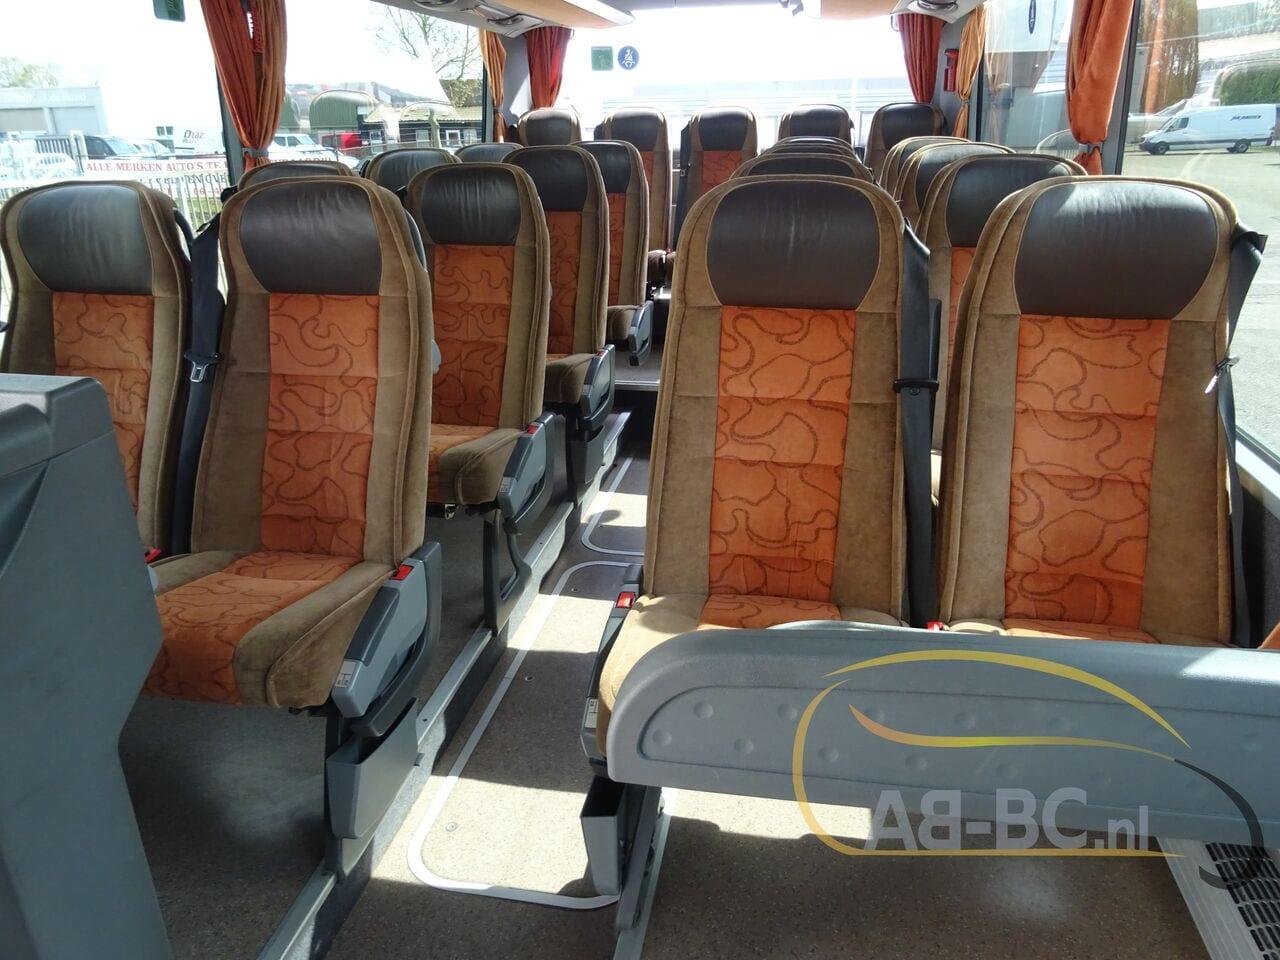 coach-busSETRA-S416H-48-SEATS-LIFTBUS---1620309918420710296_big_20cbb16bec04477bb8fdd1f2985074a9--21050616581387095000